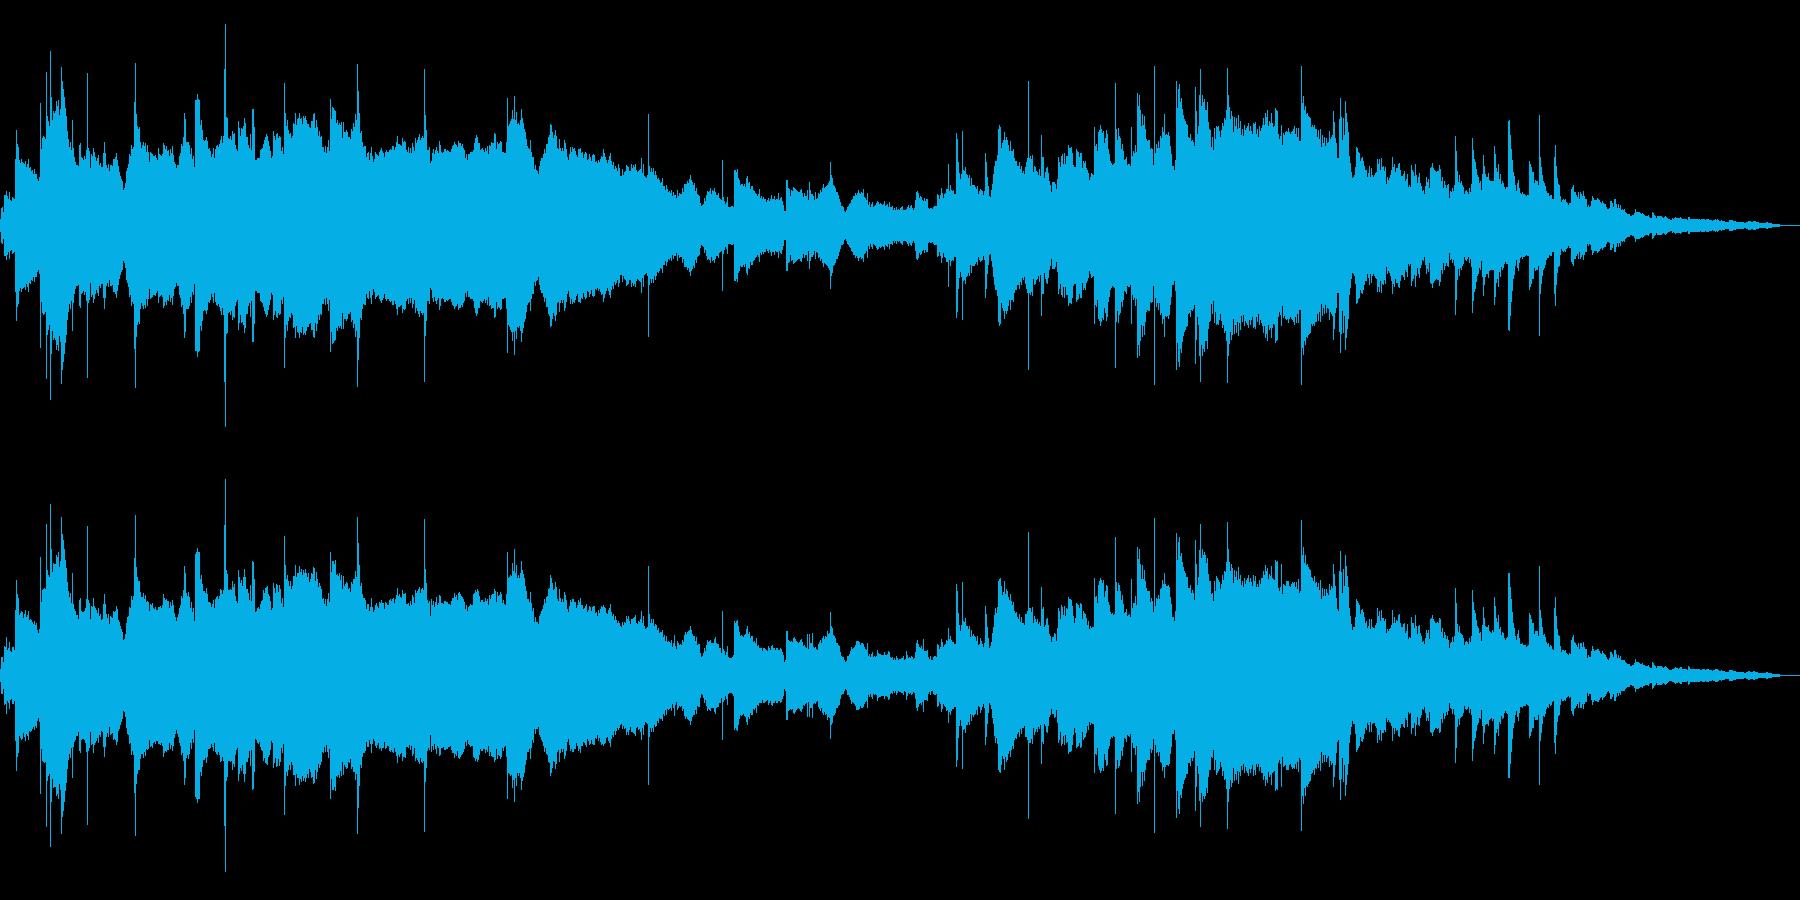 メランコリックな木琴と風の音の再生済みの波形